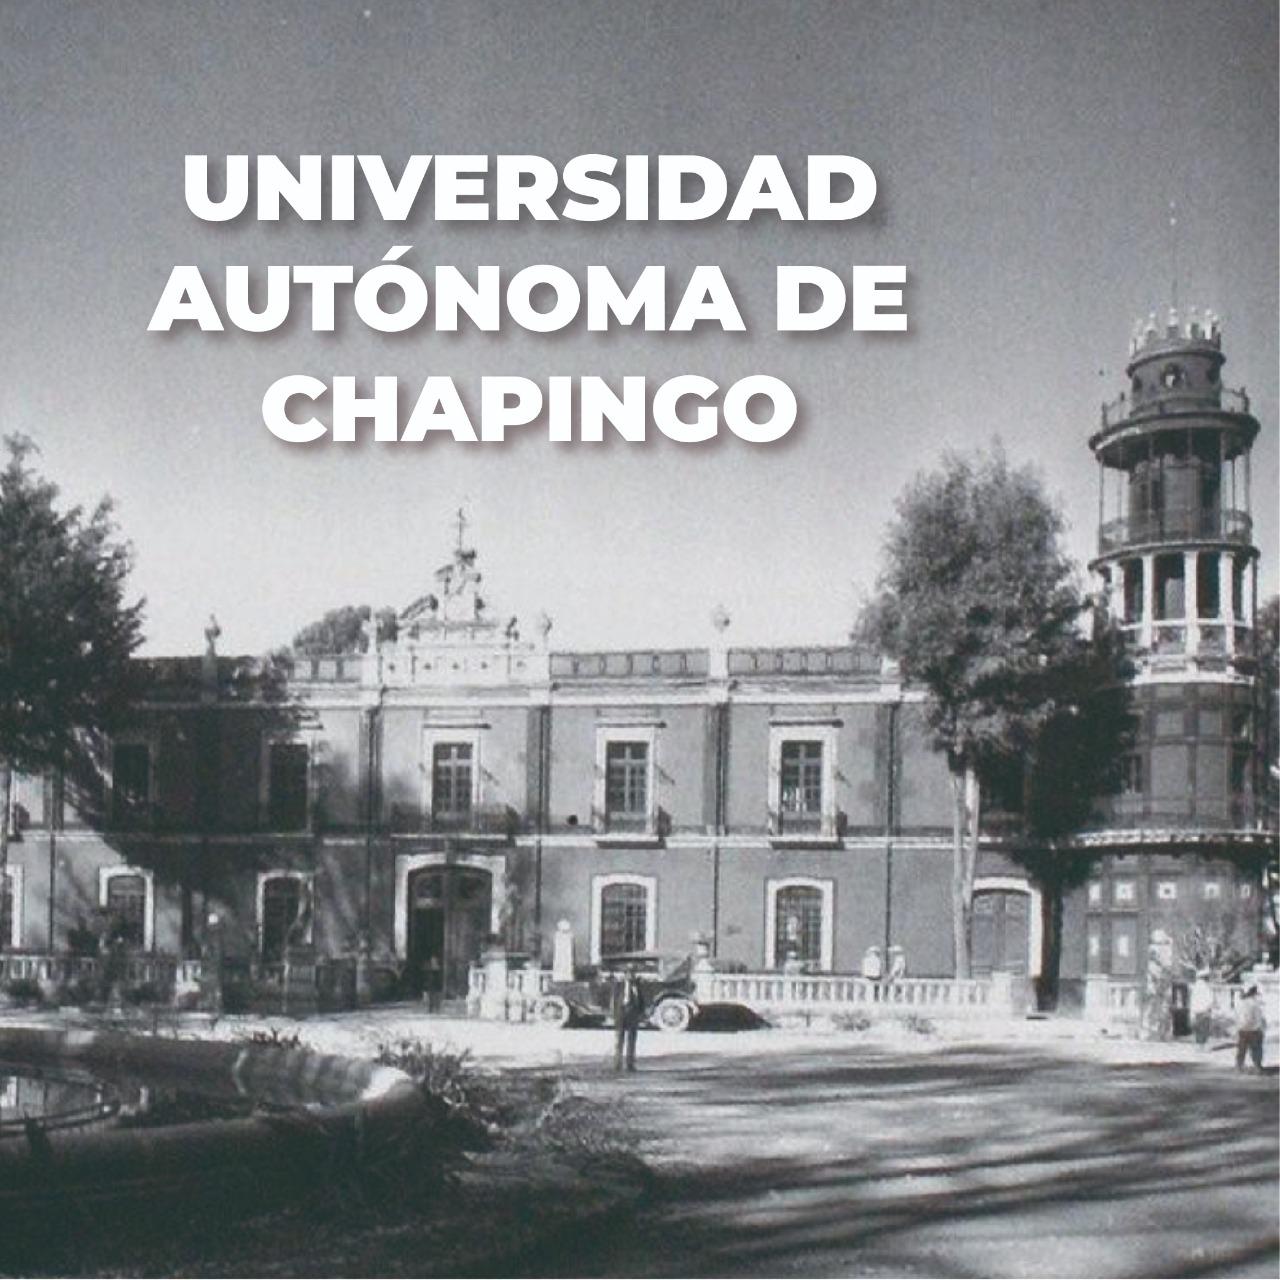 La Universidad Autónoma de Chapingo se fundó en el año de 1854